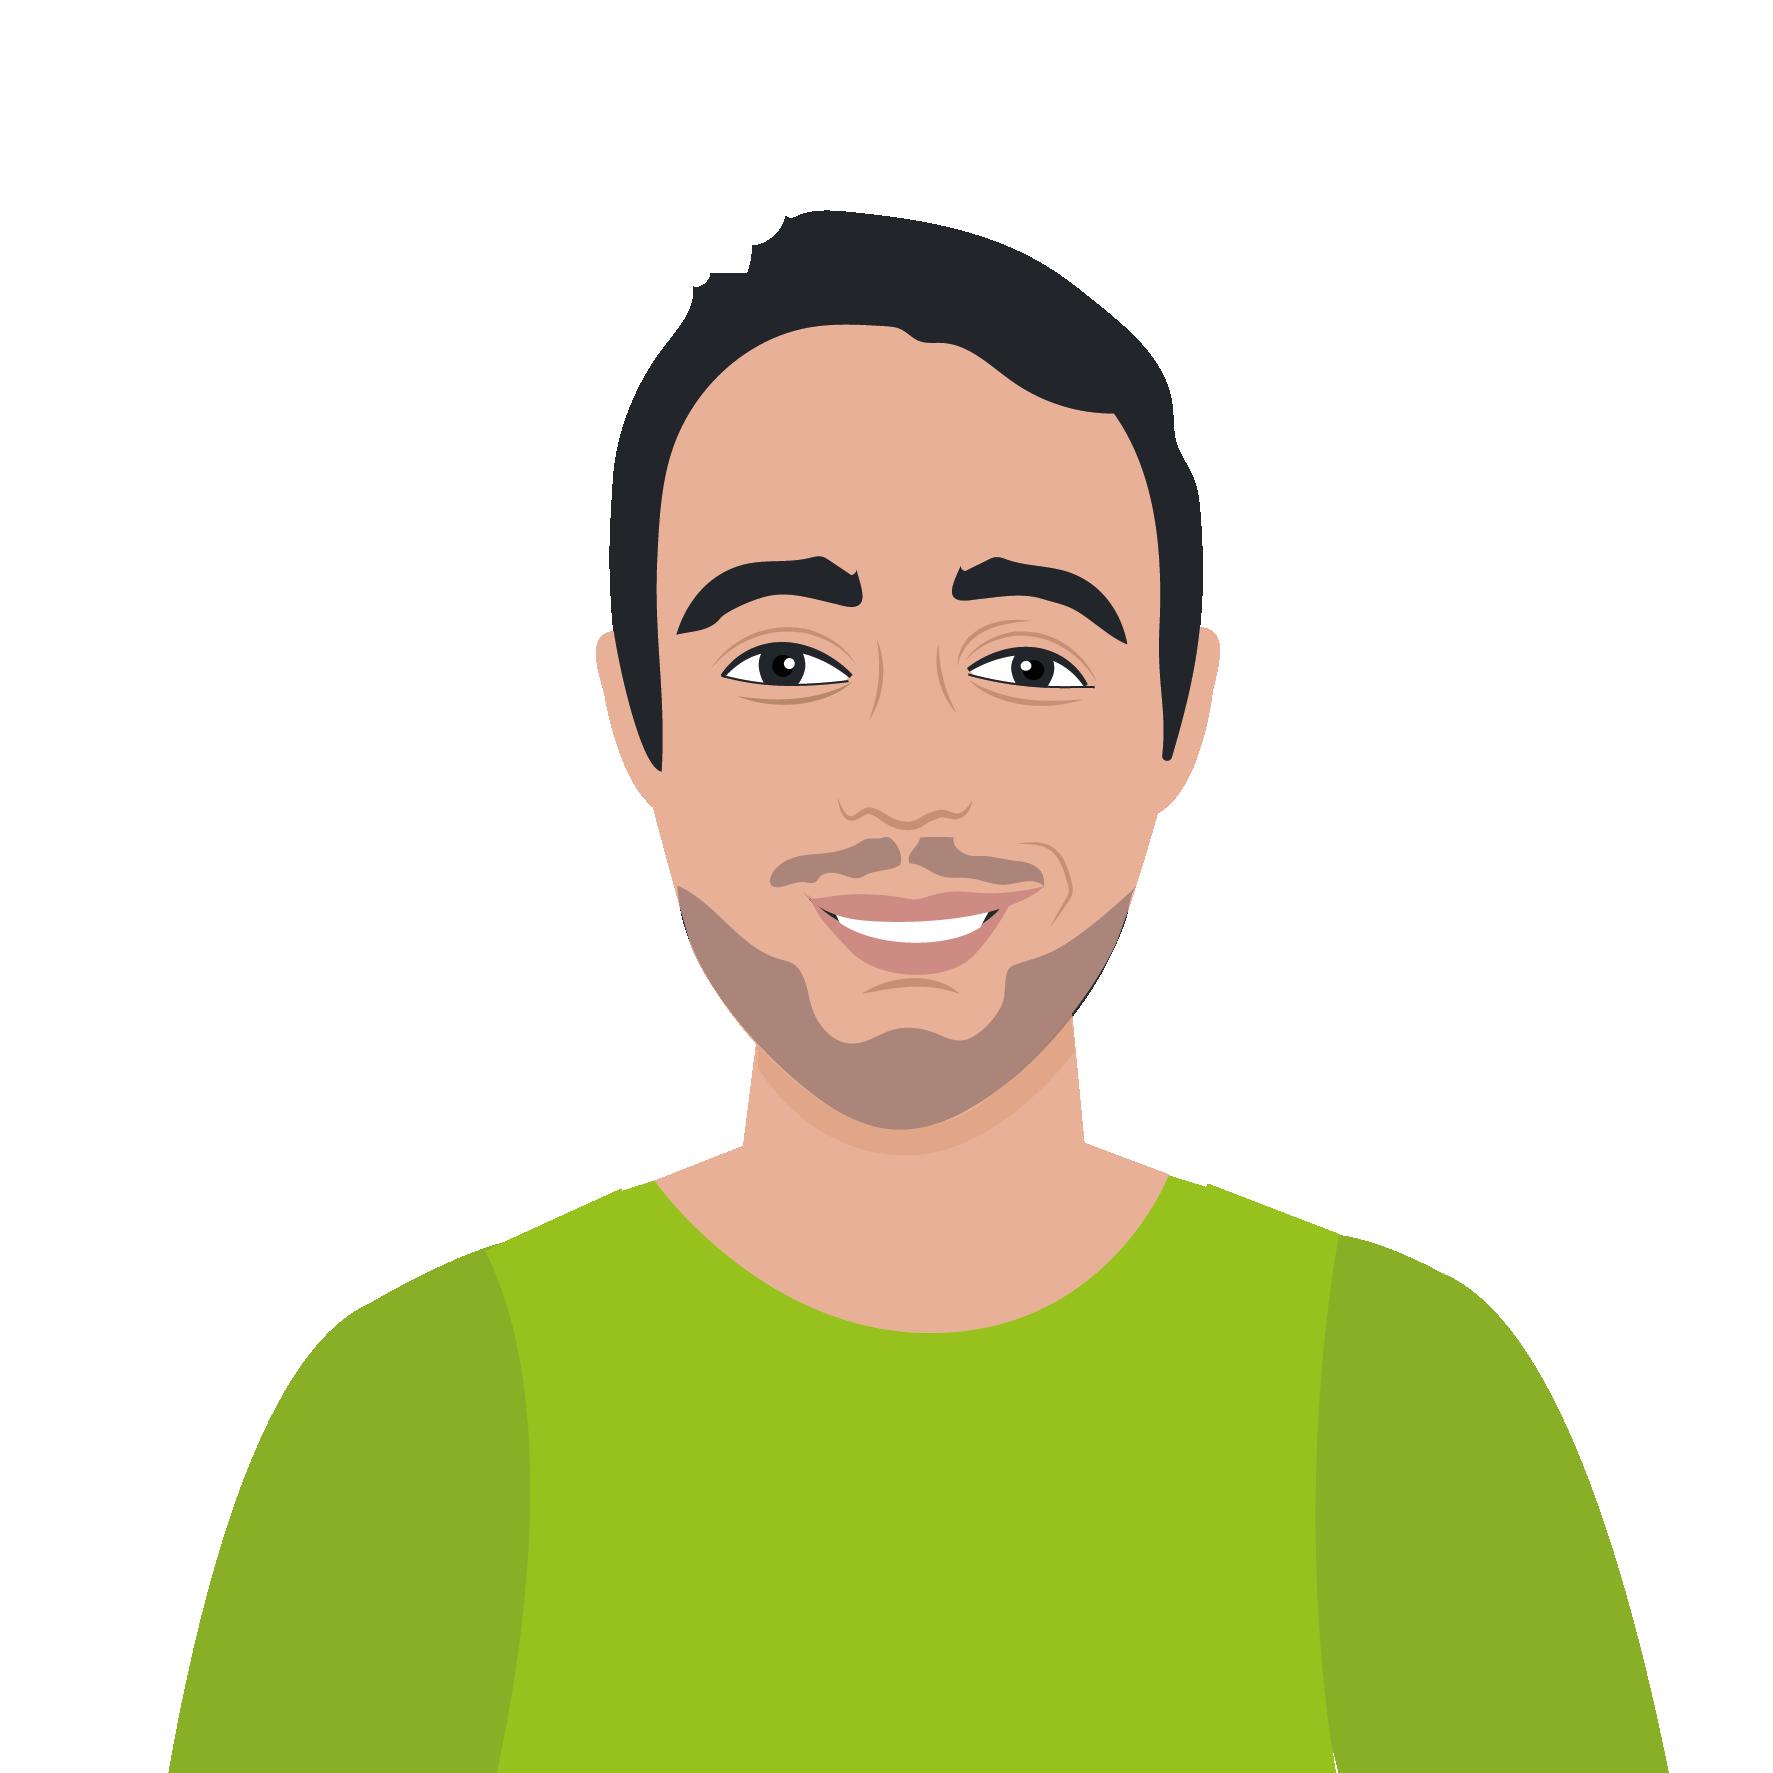 jaquier_habefast_illu_employes-Jose-alonso